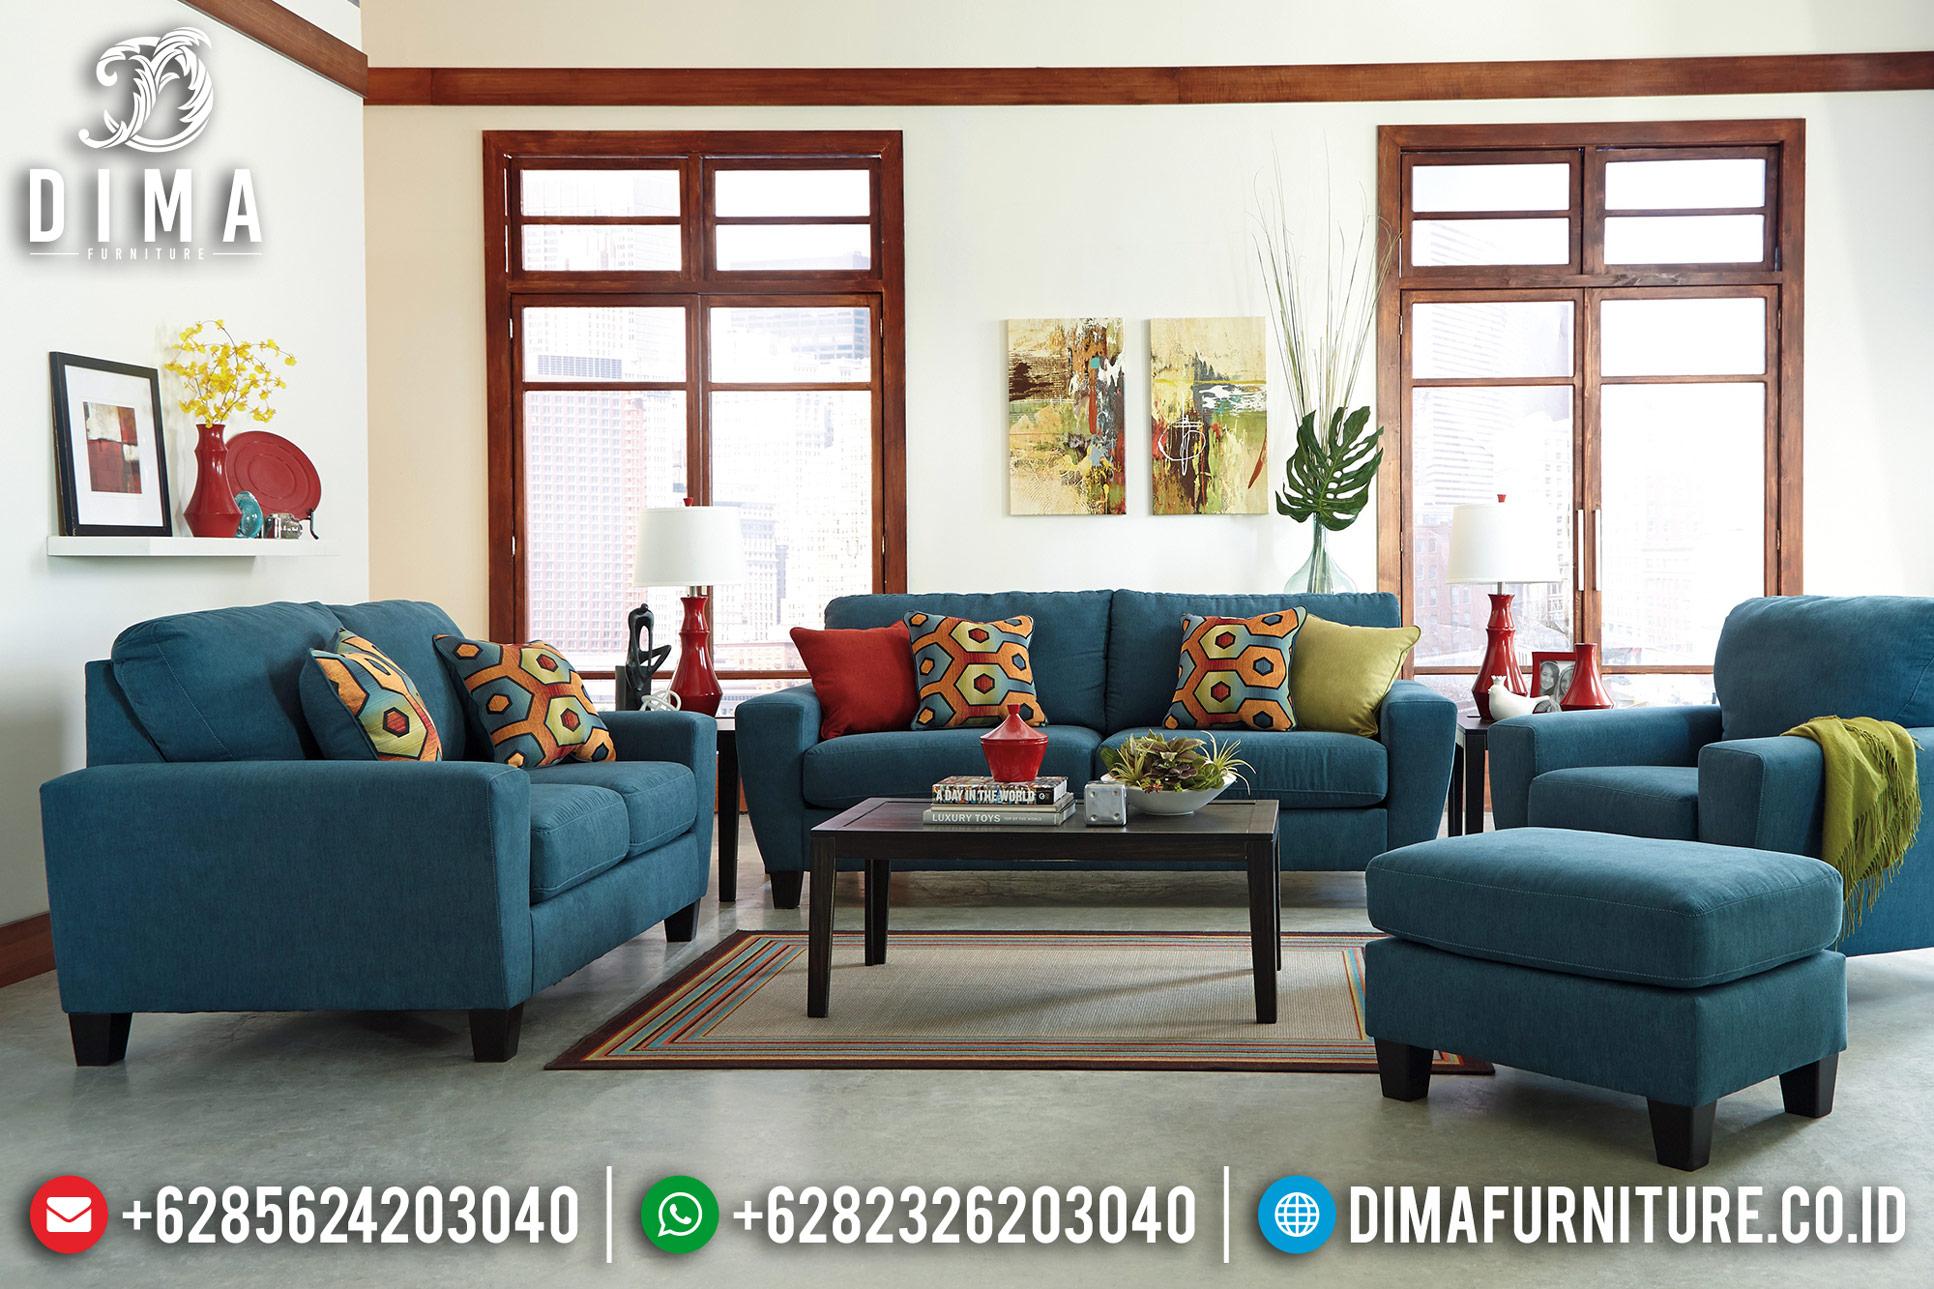 Desain Sofa Tamu Modern Jepara Harga Murah Kualitas Mewah BT-0413